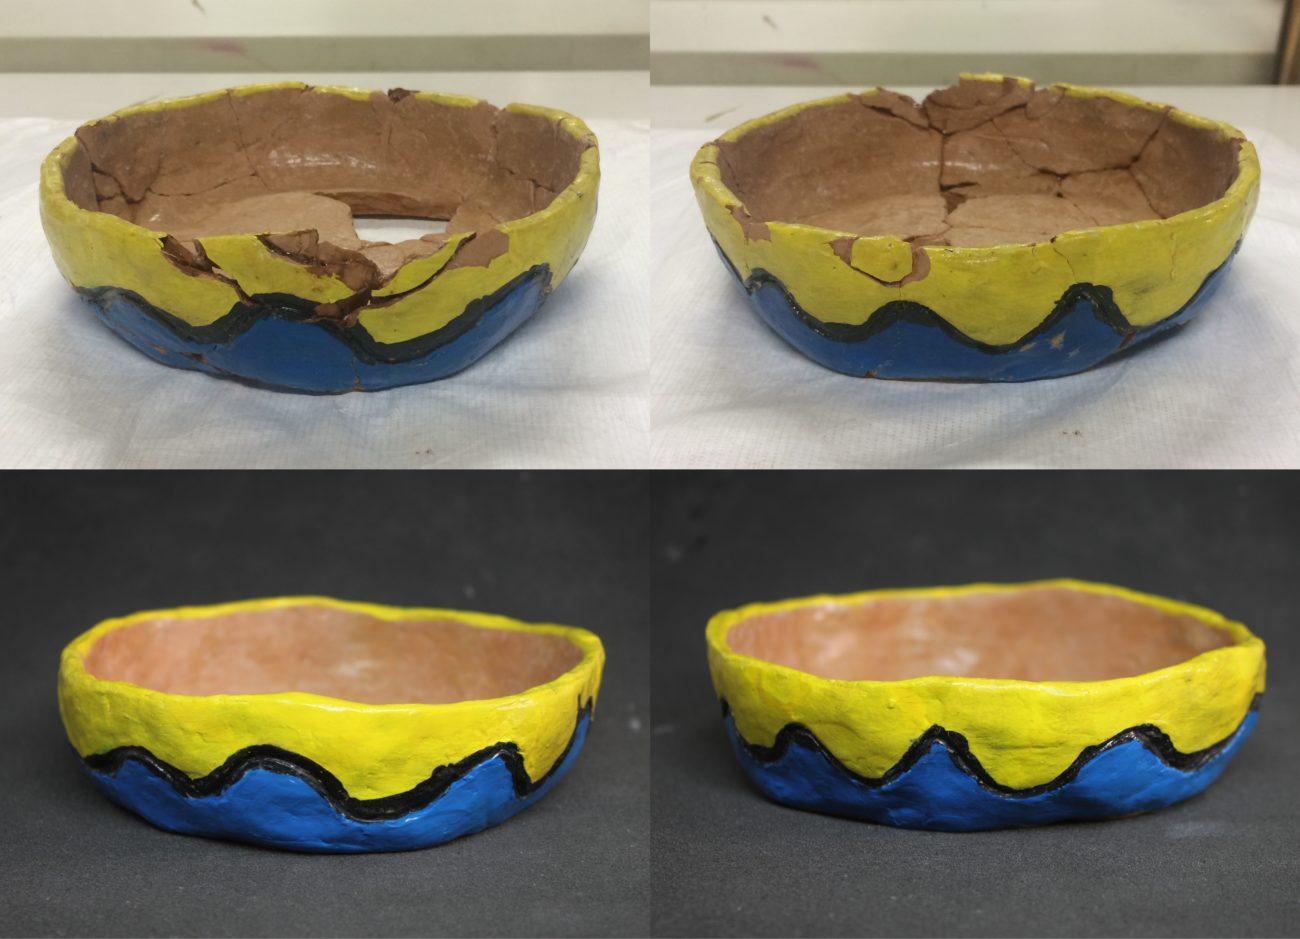 Restauration d'une coupelle en terre crue peinte à l'acrylique